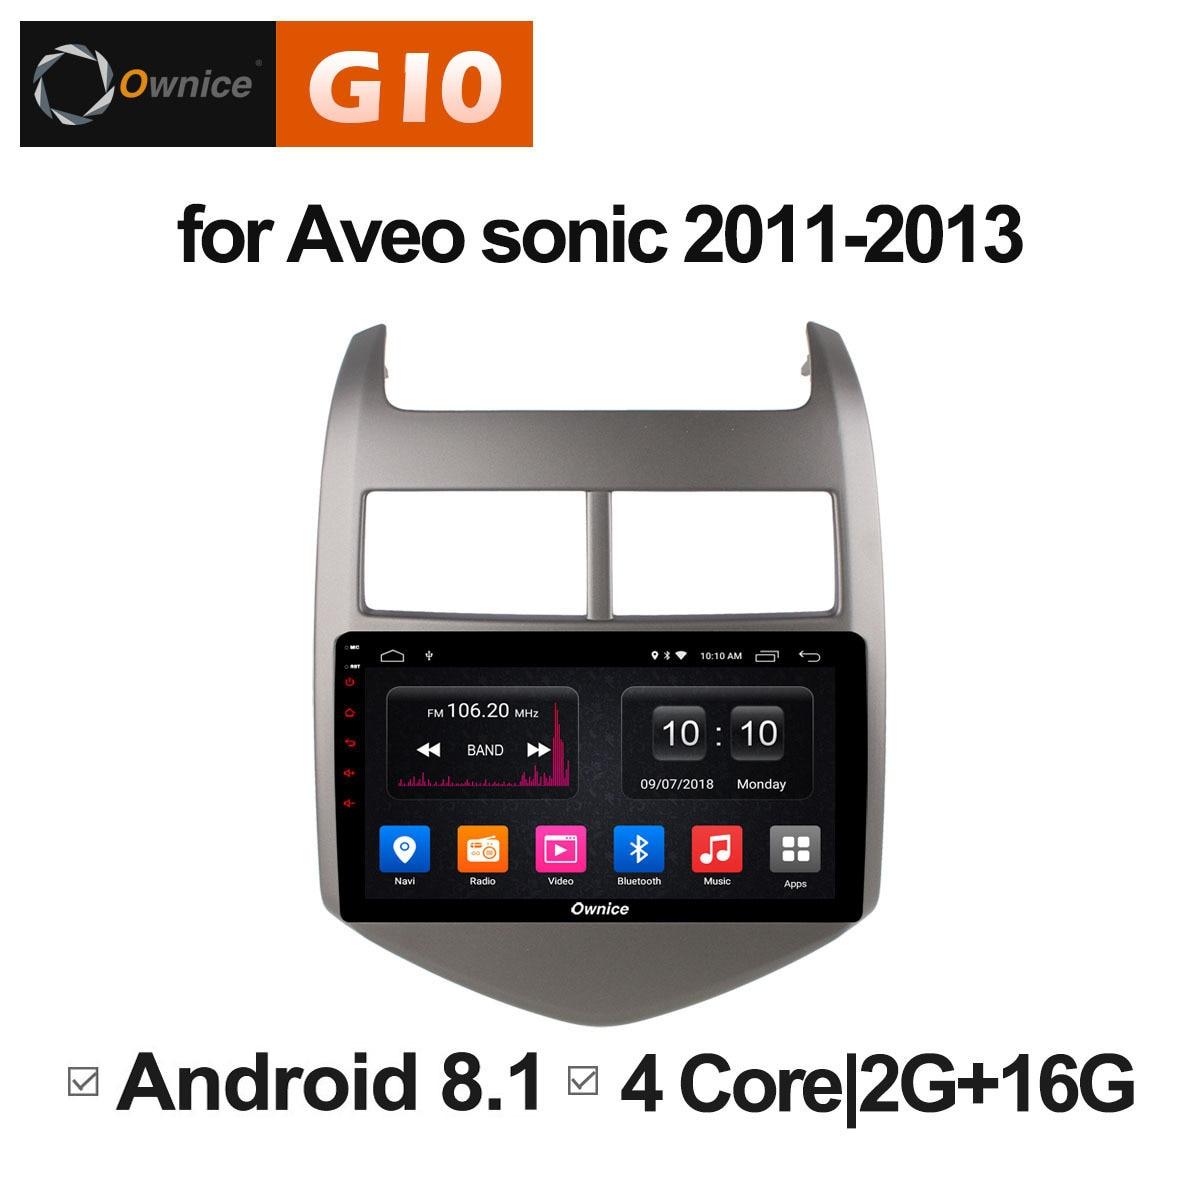 Android 8.1 lecteur multimédia de Radio DVD de voiture d'unité pour CHEVROLET AVEO SONIC 2011 2012 2013 Auto audio stéréo gps navigateur DVR PC